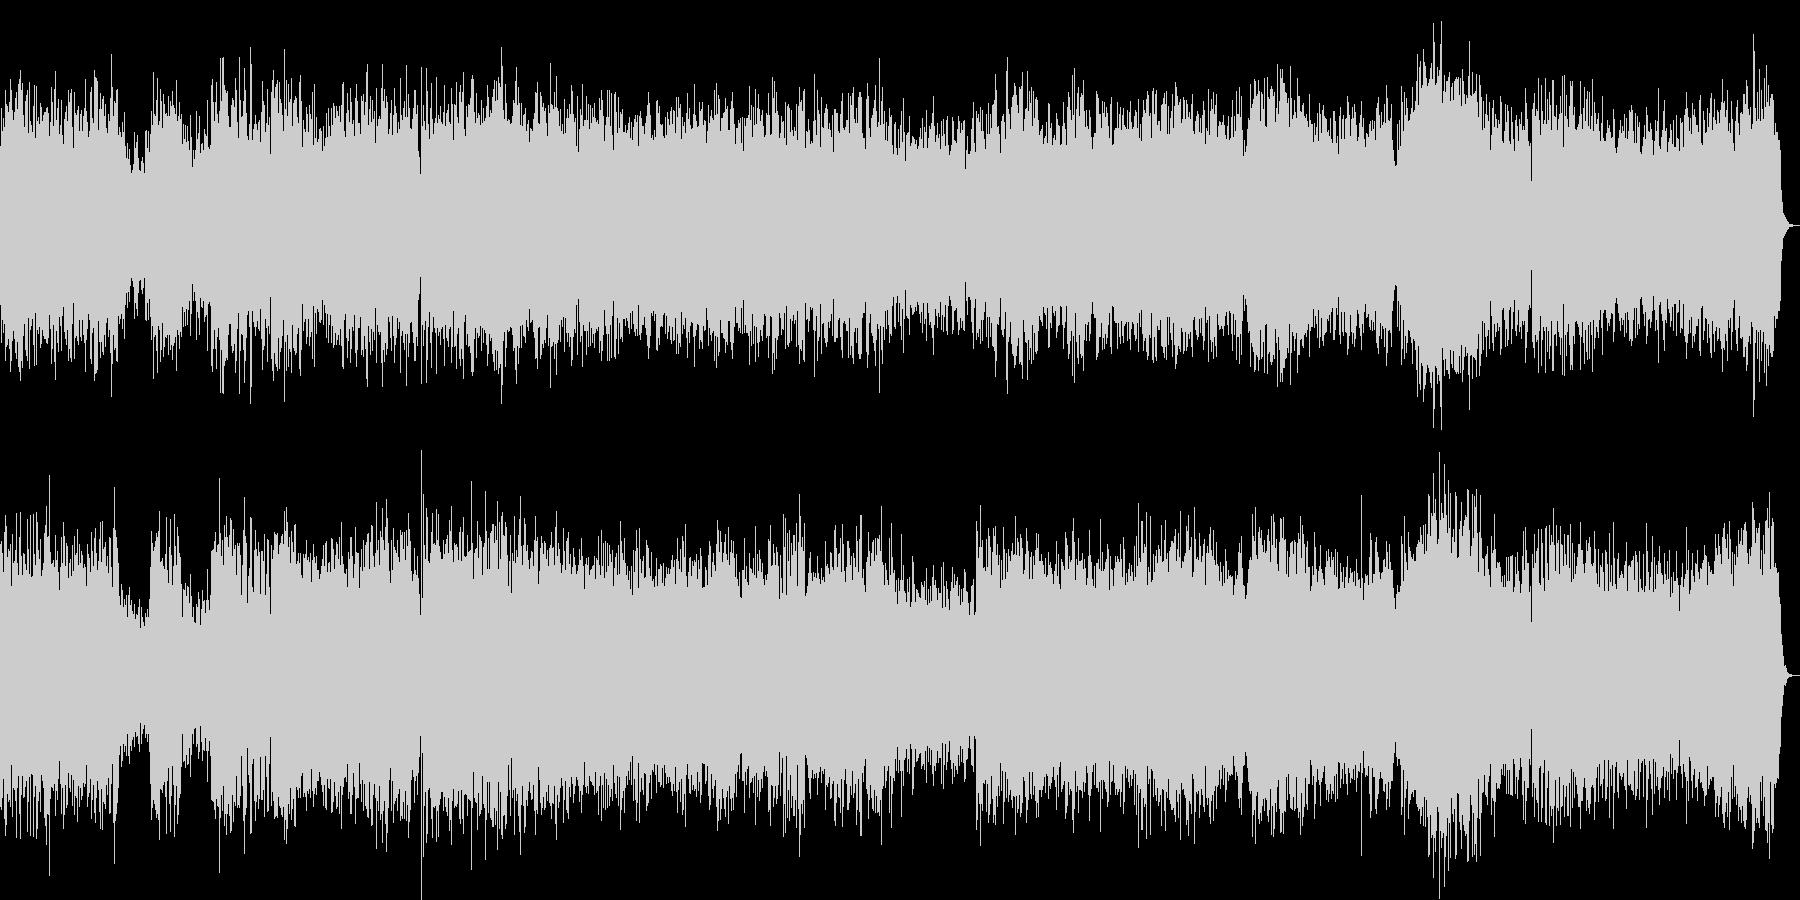 ブランデンブルク協奏曲2番1楽章/バッハの未再生の波形